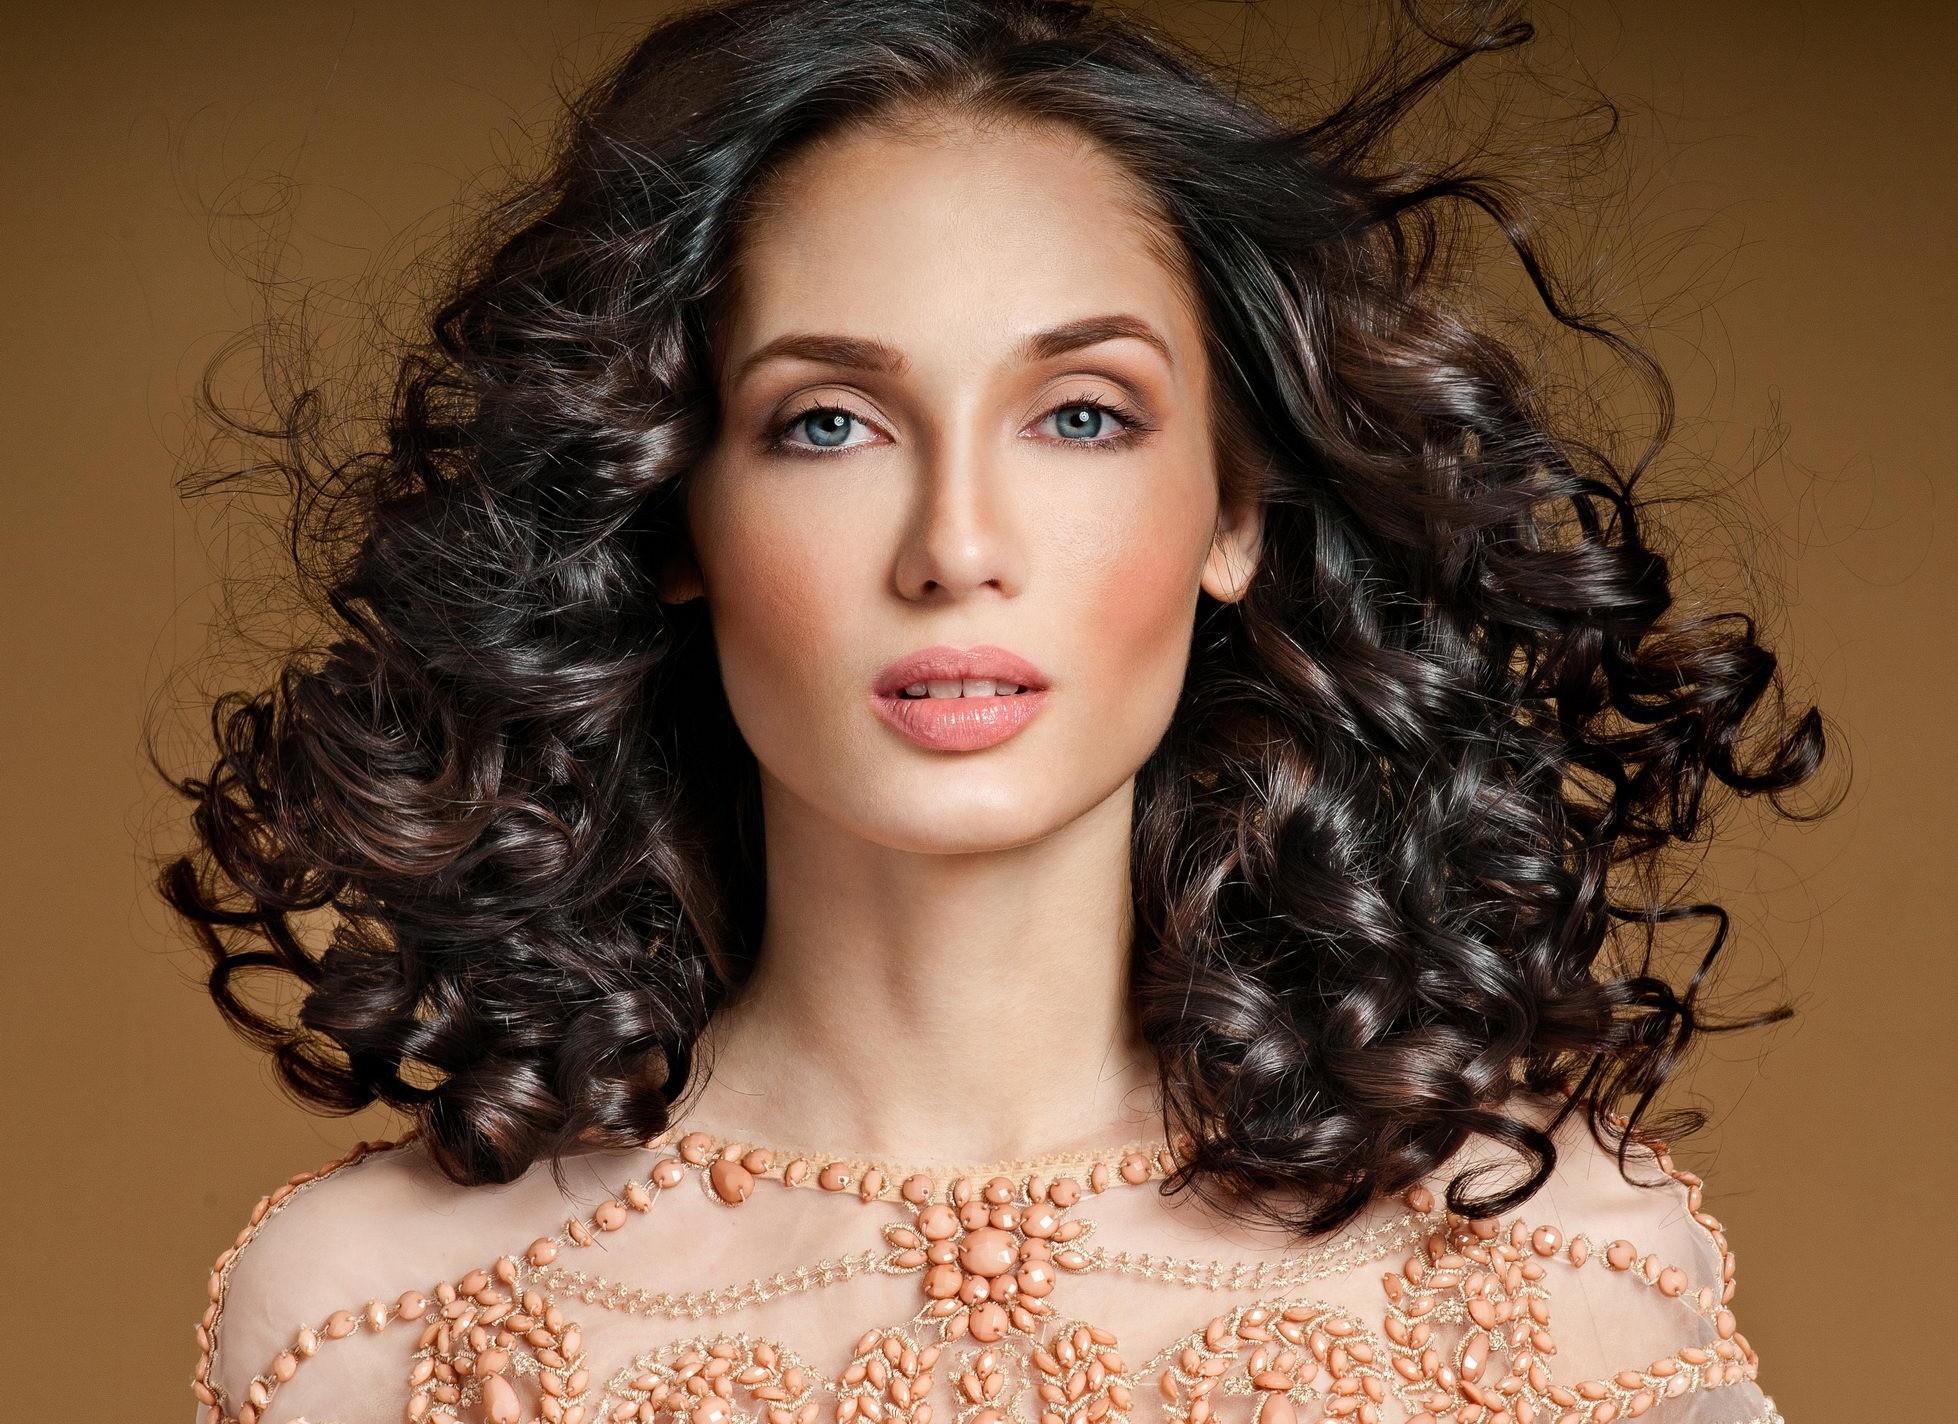 Ты по натуре романтик. Тебе подойдут средняя длина волос,женственные локоны и натуральный оттенок. Девушка-Рыба должнавыглядеть естественно, но не без шика. И лучше перестараться и сдел...